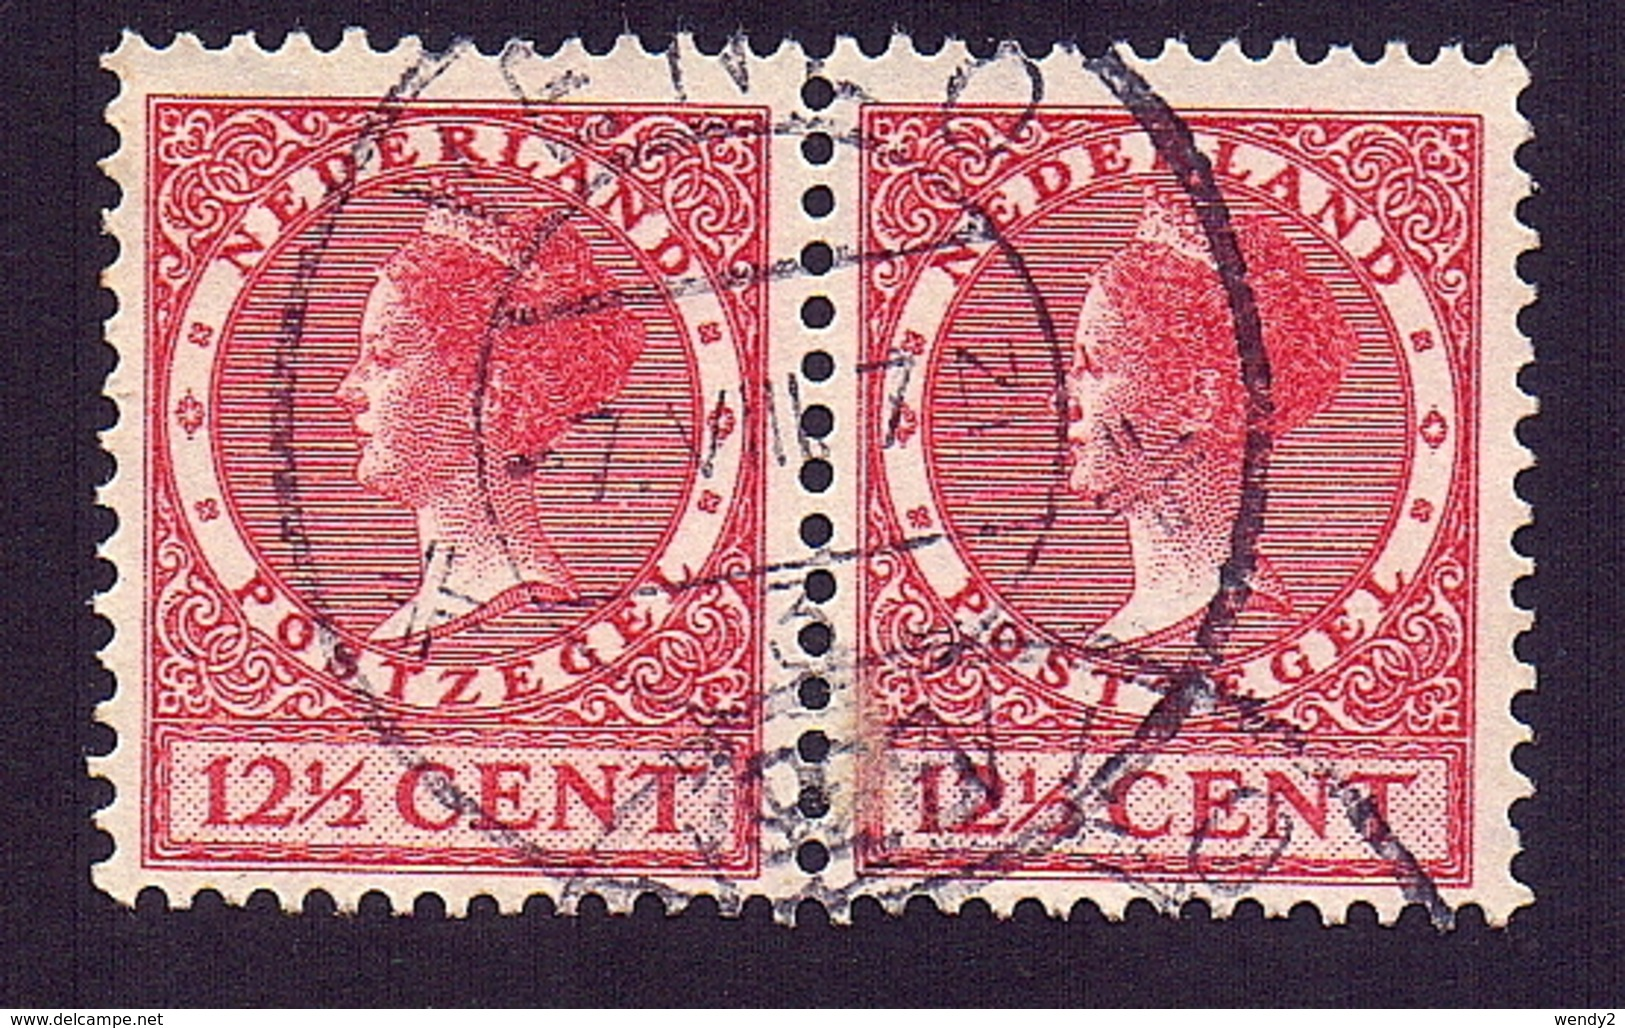 Pays-Bas - Hollande 143 - 1891-1948 (Wilhelmine)